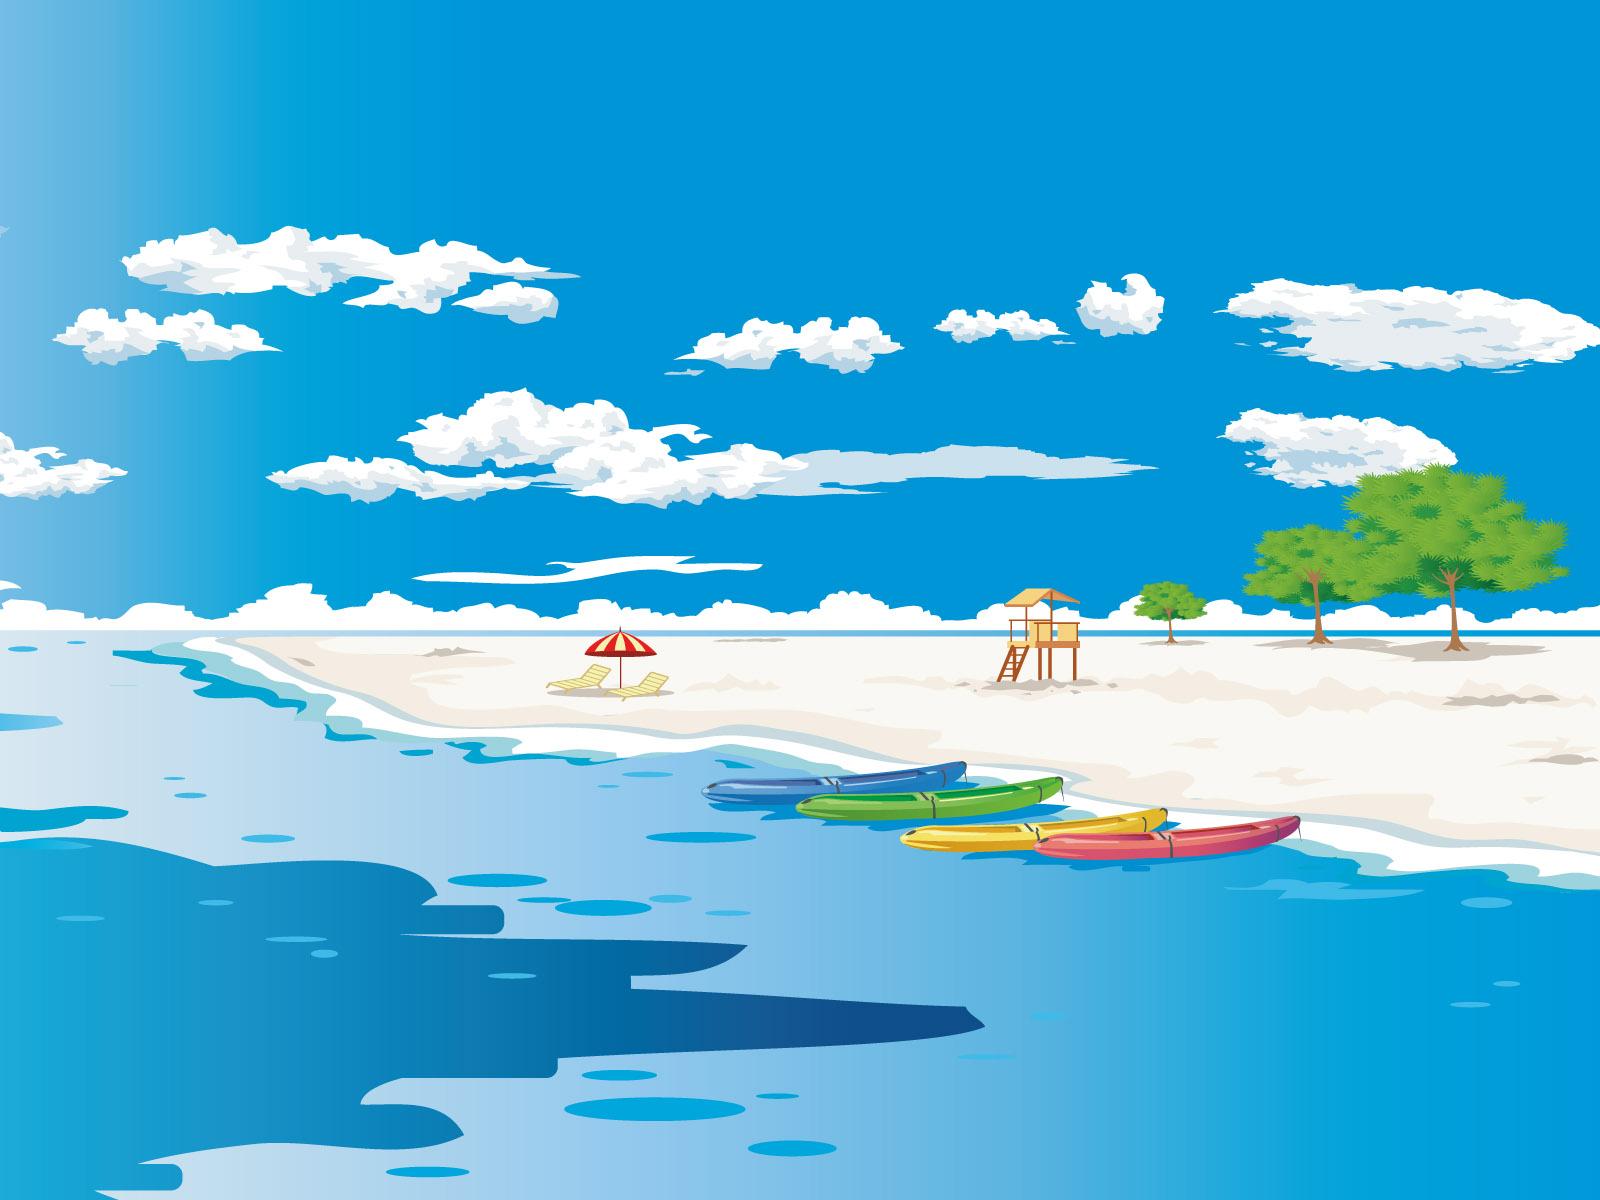 イラスト壁紙 無料ダウンロード 夏のビーチ